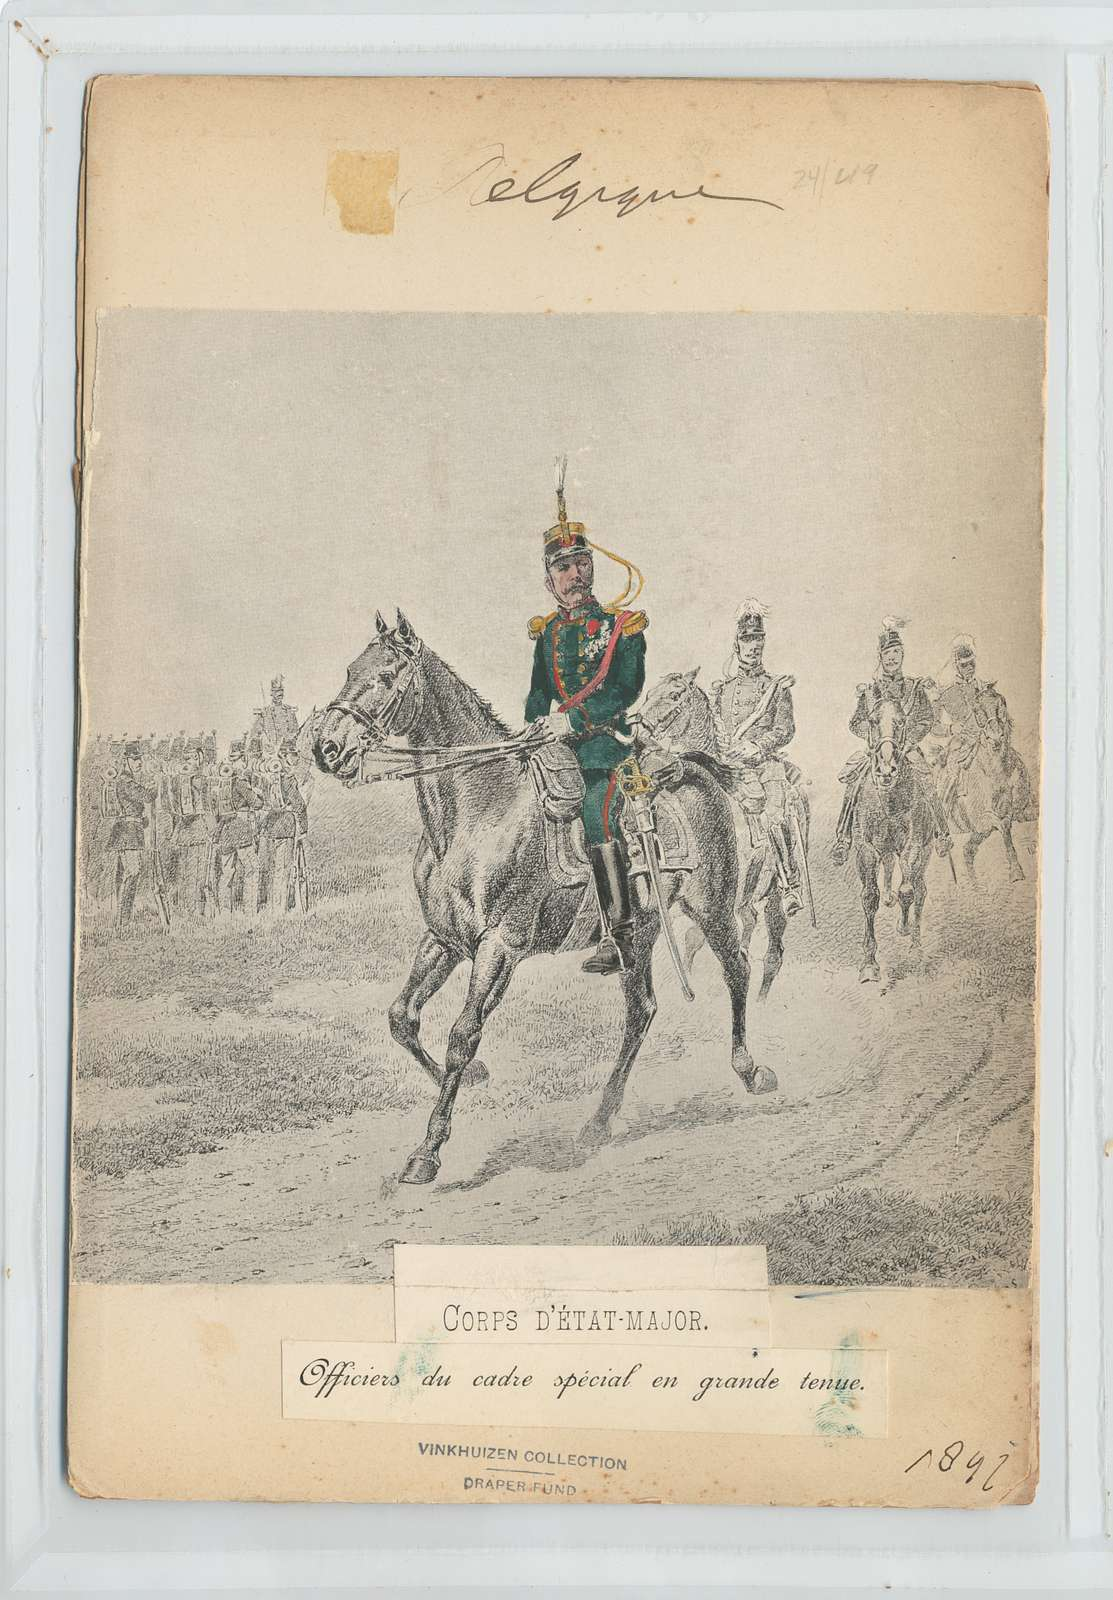 Corps d'État-Major. Officiers  du cadre spécial en grande tenue. 1897